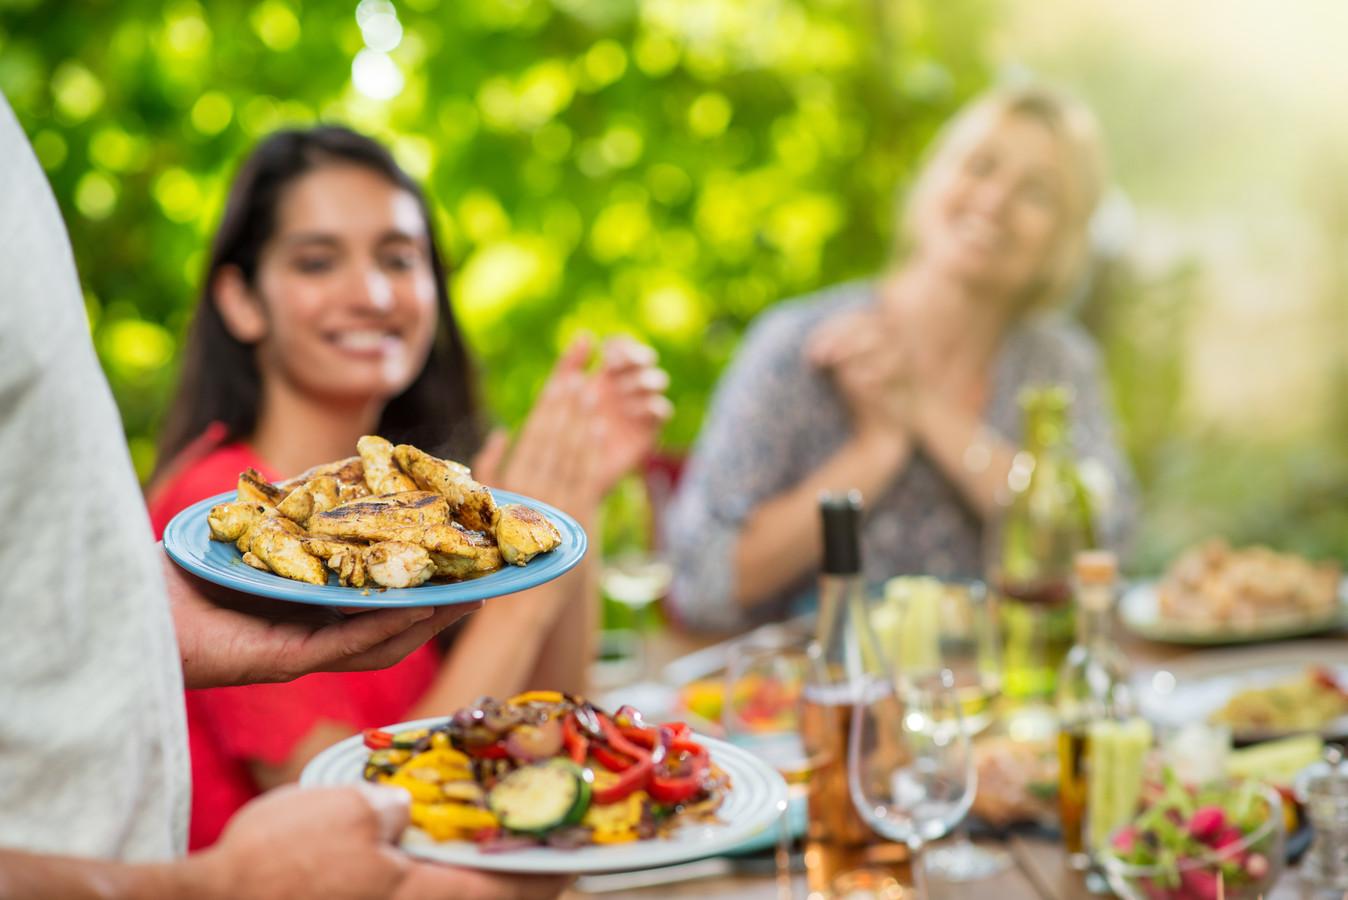 Als het warm is, eten veel mensen lekker buiten. Op het balkon of in de tuin.